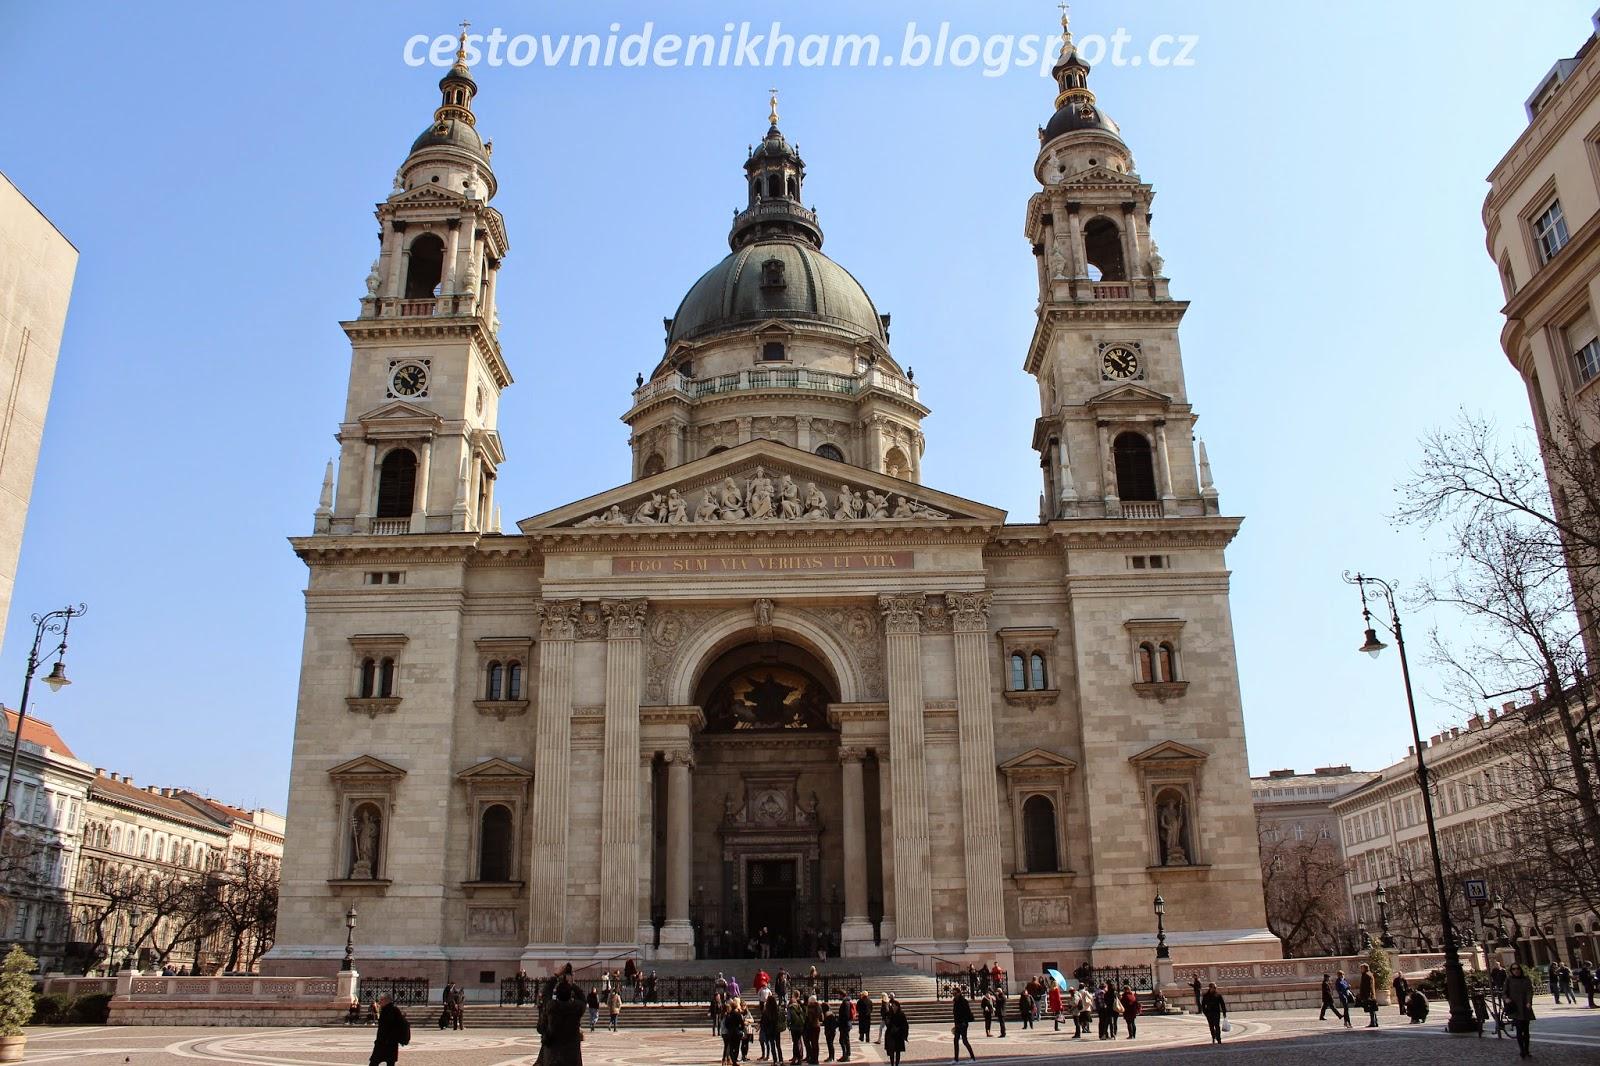 Bazilika sv. Štěpána // St. Stephen's Basilica